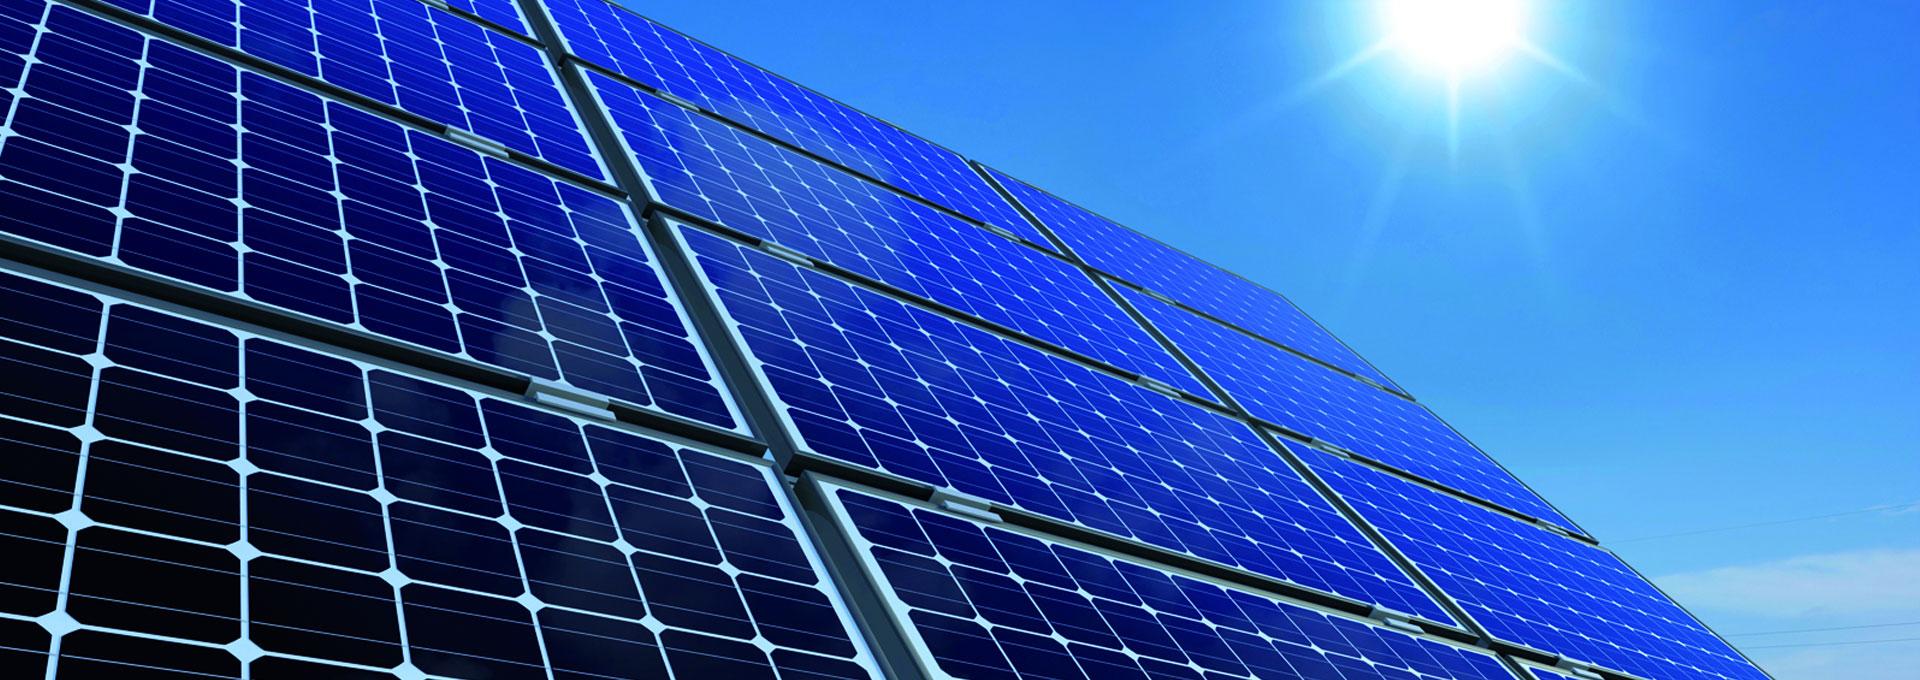 Fotovoltaico, Il Futuro Dell'energia è In Una Batteria Per L'accumulo